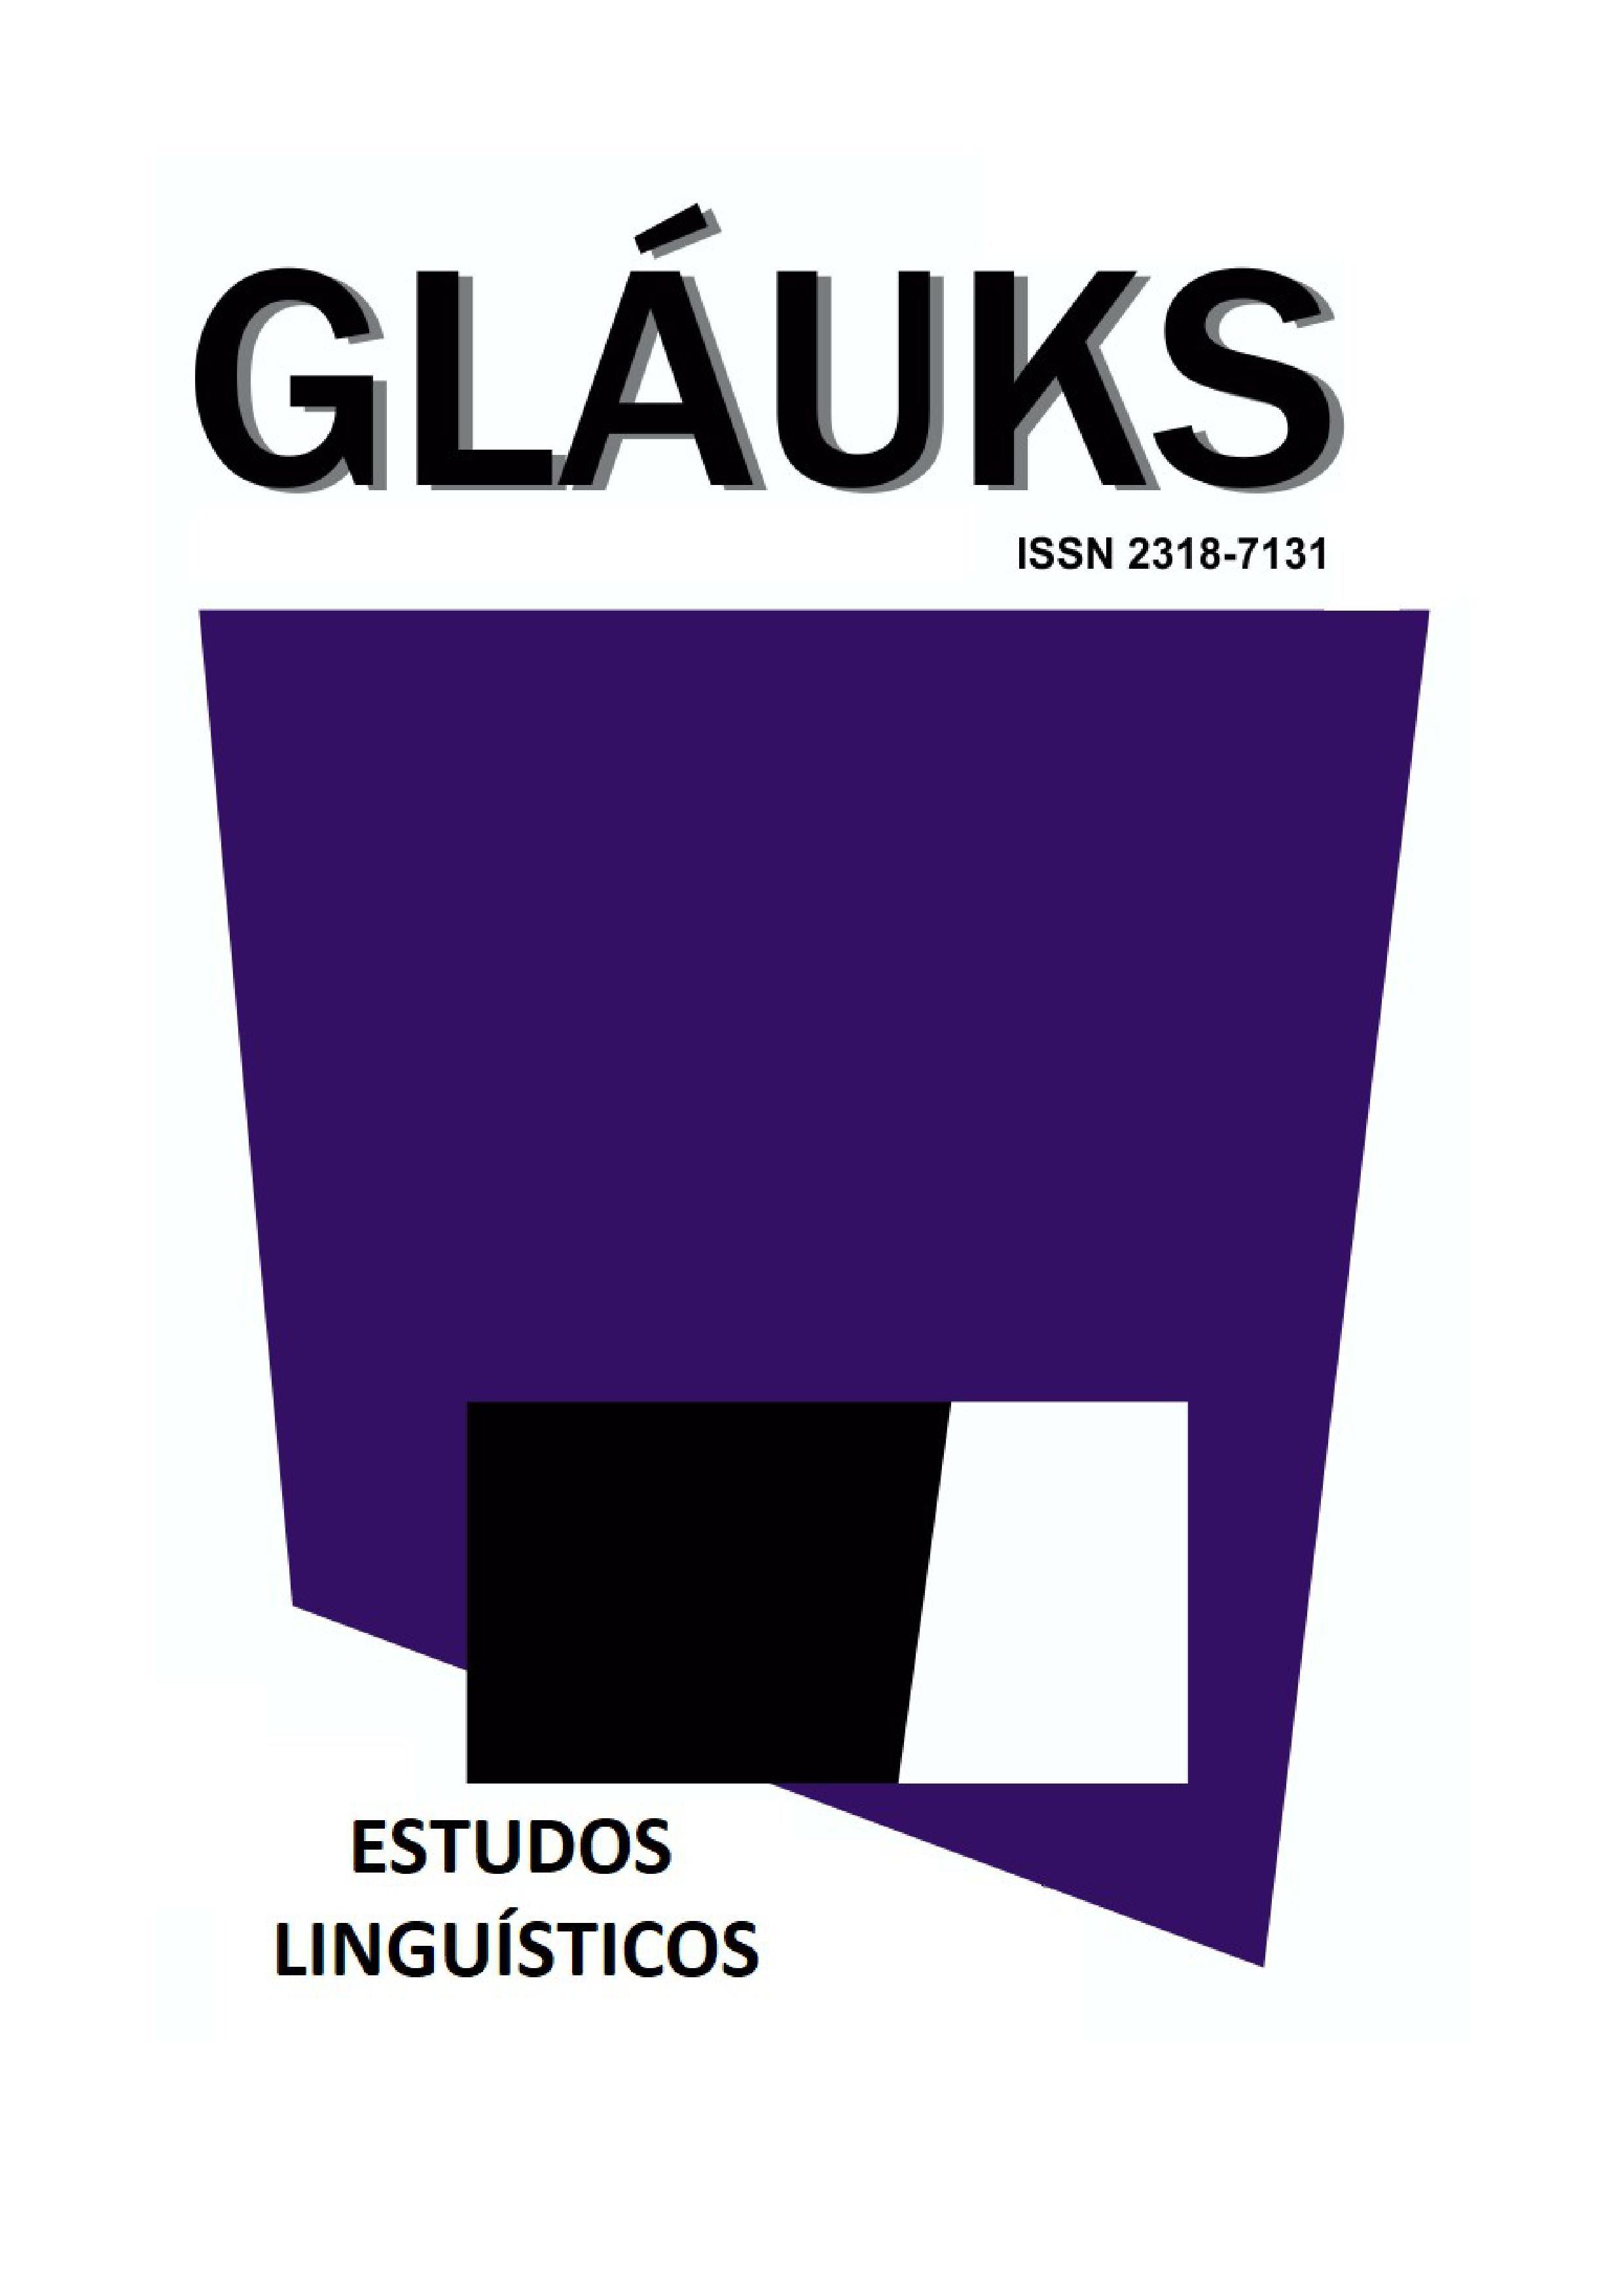 Visualizar v. 19 n. 1 (2019): Estudos Linguísticos